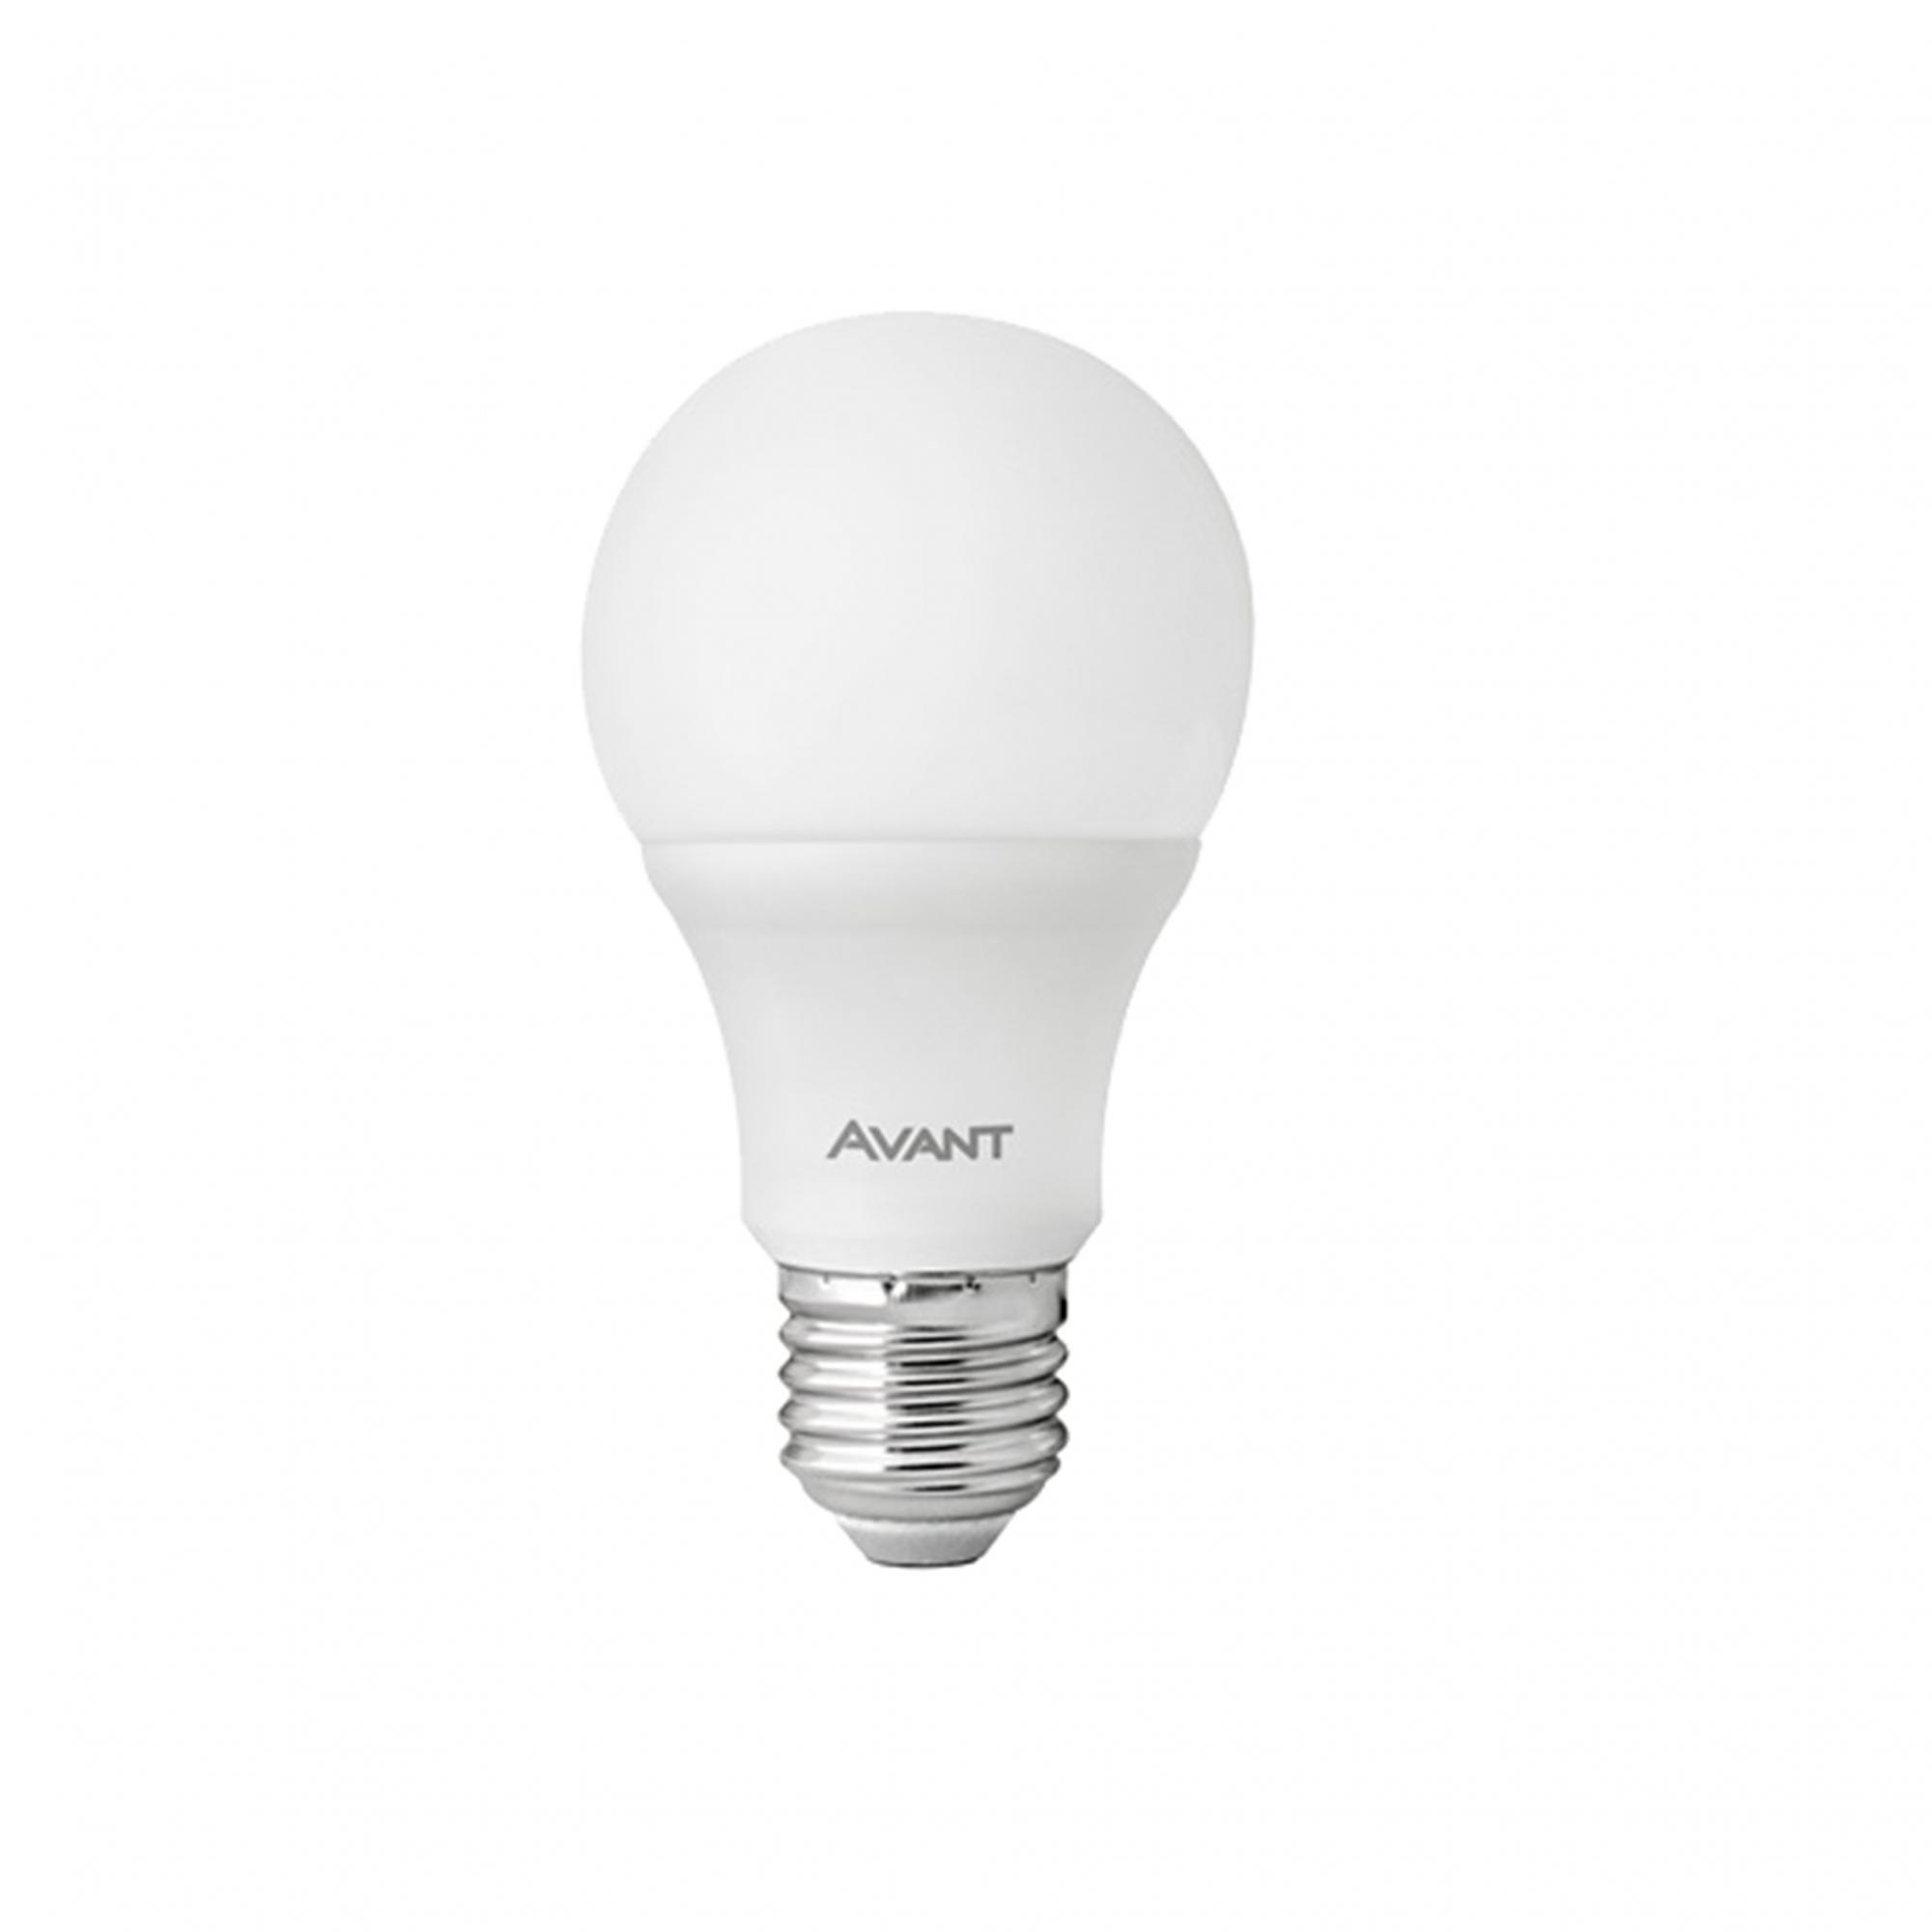 Lâmpada de Led 9w 6500k - Luz branca